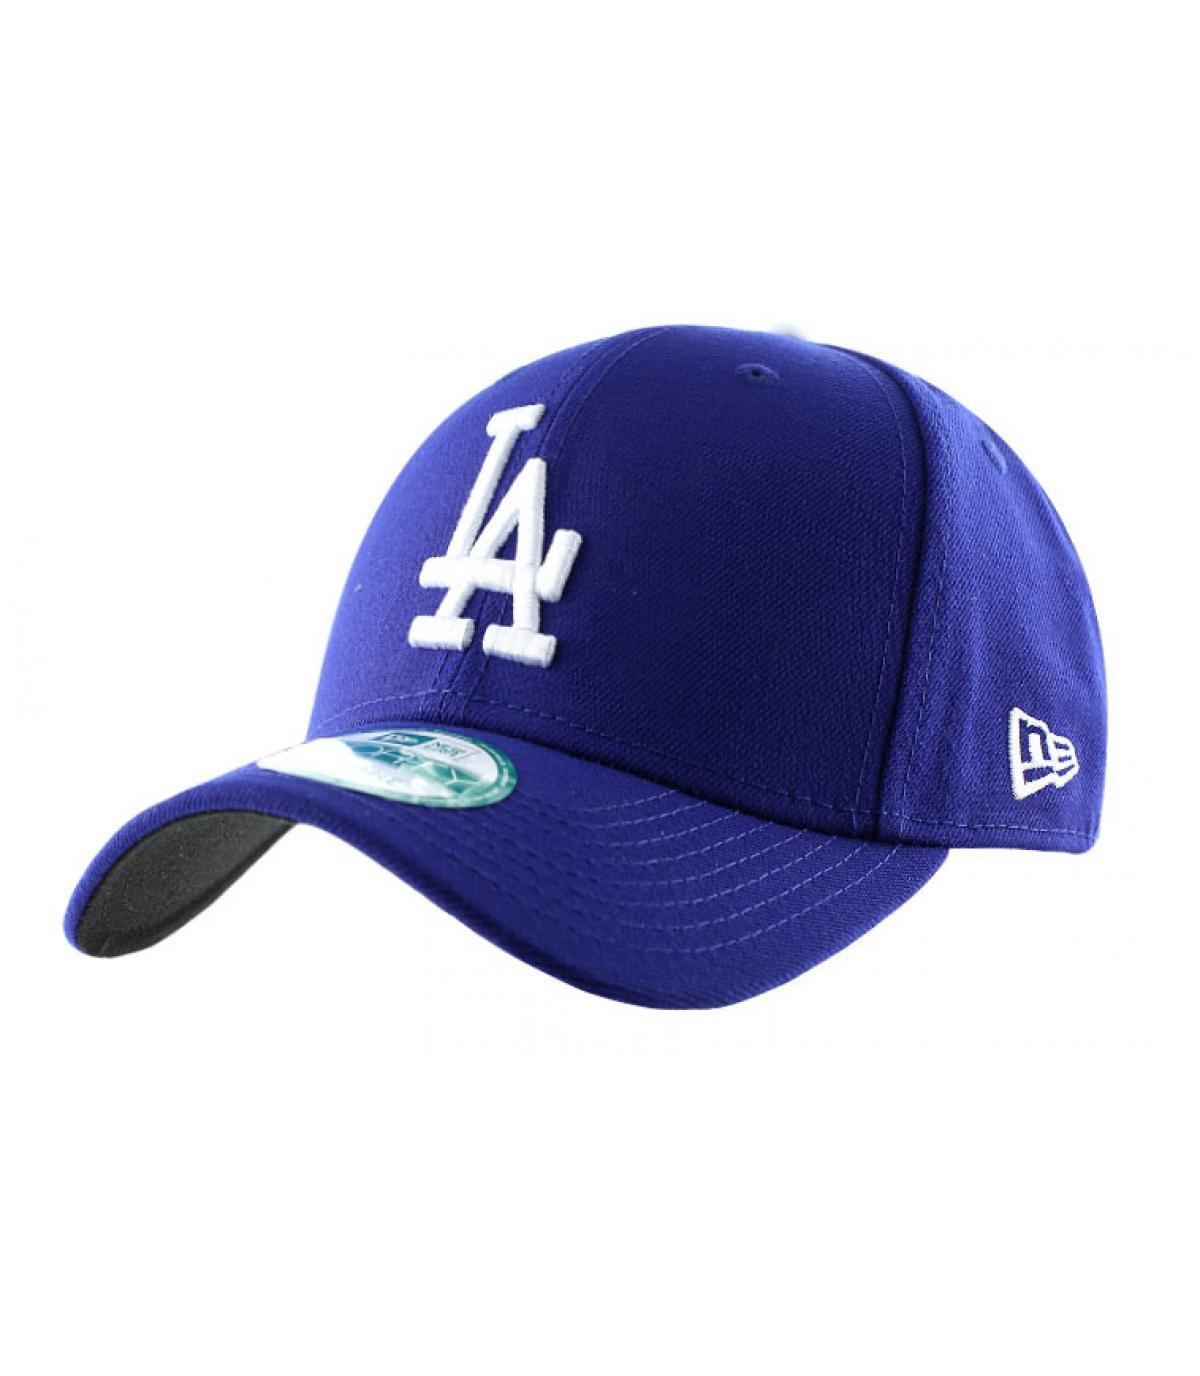 ... Gorra de béisbol Los Angeles - 9forty LA MLB The League New Era imagen  ... 405e19df6f9